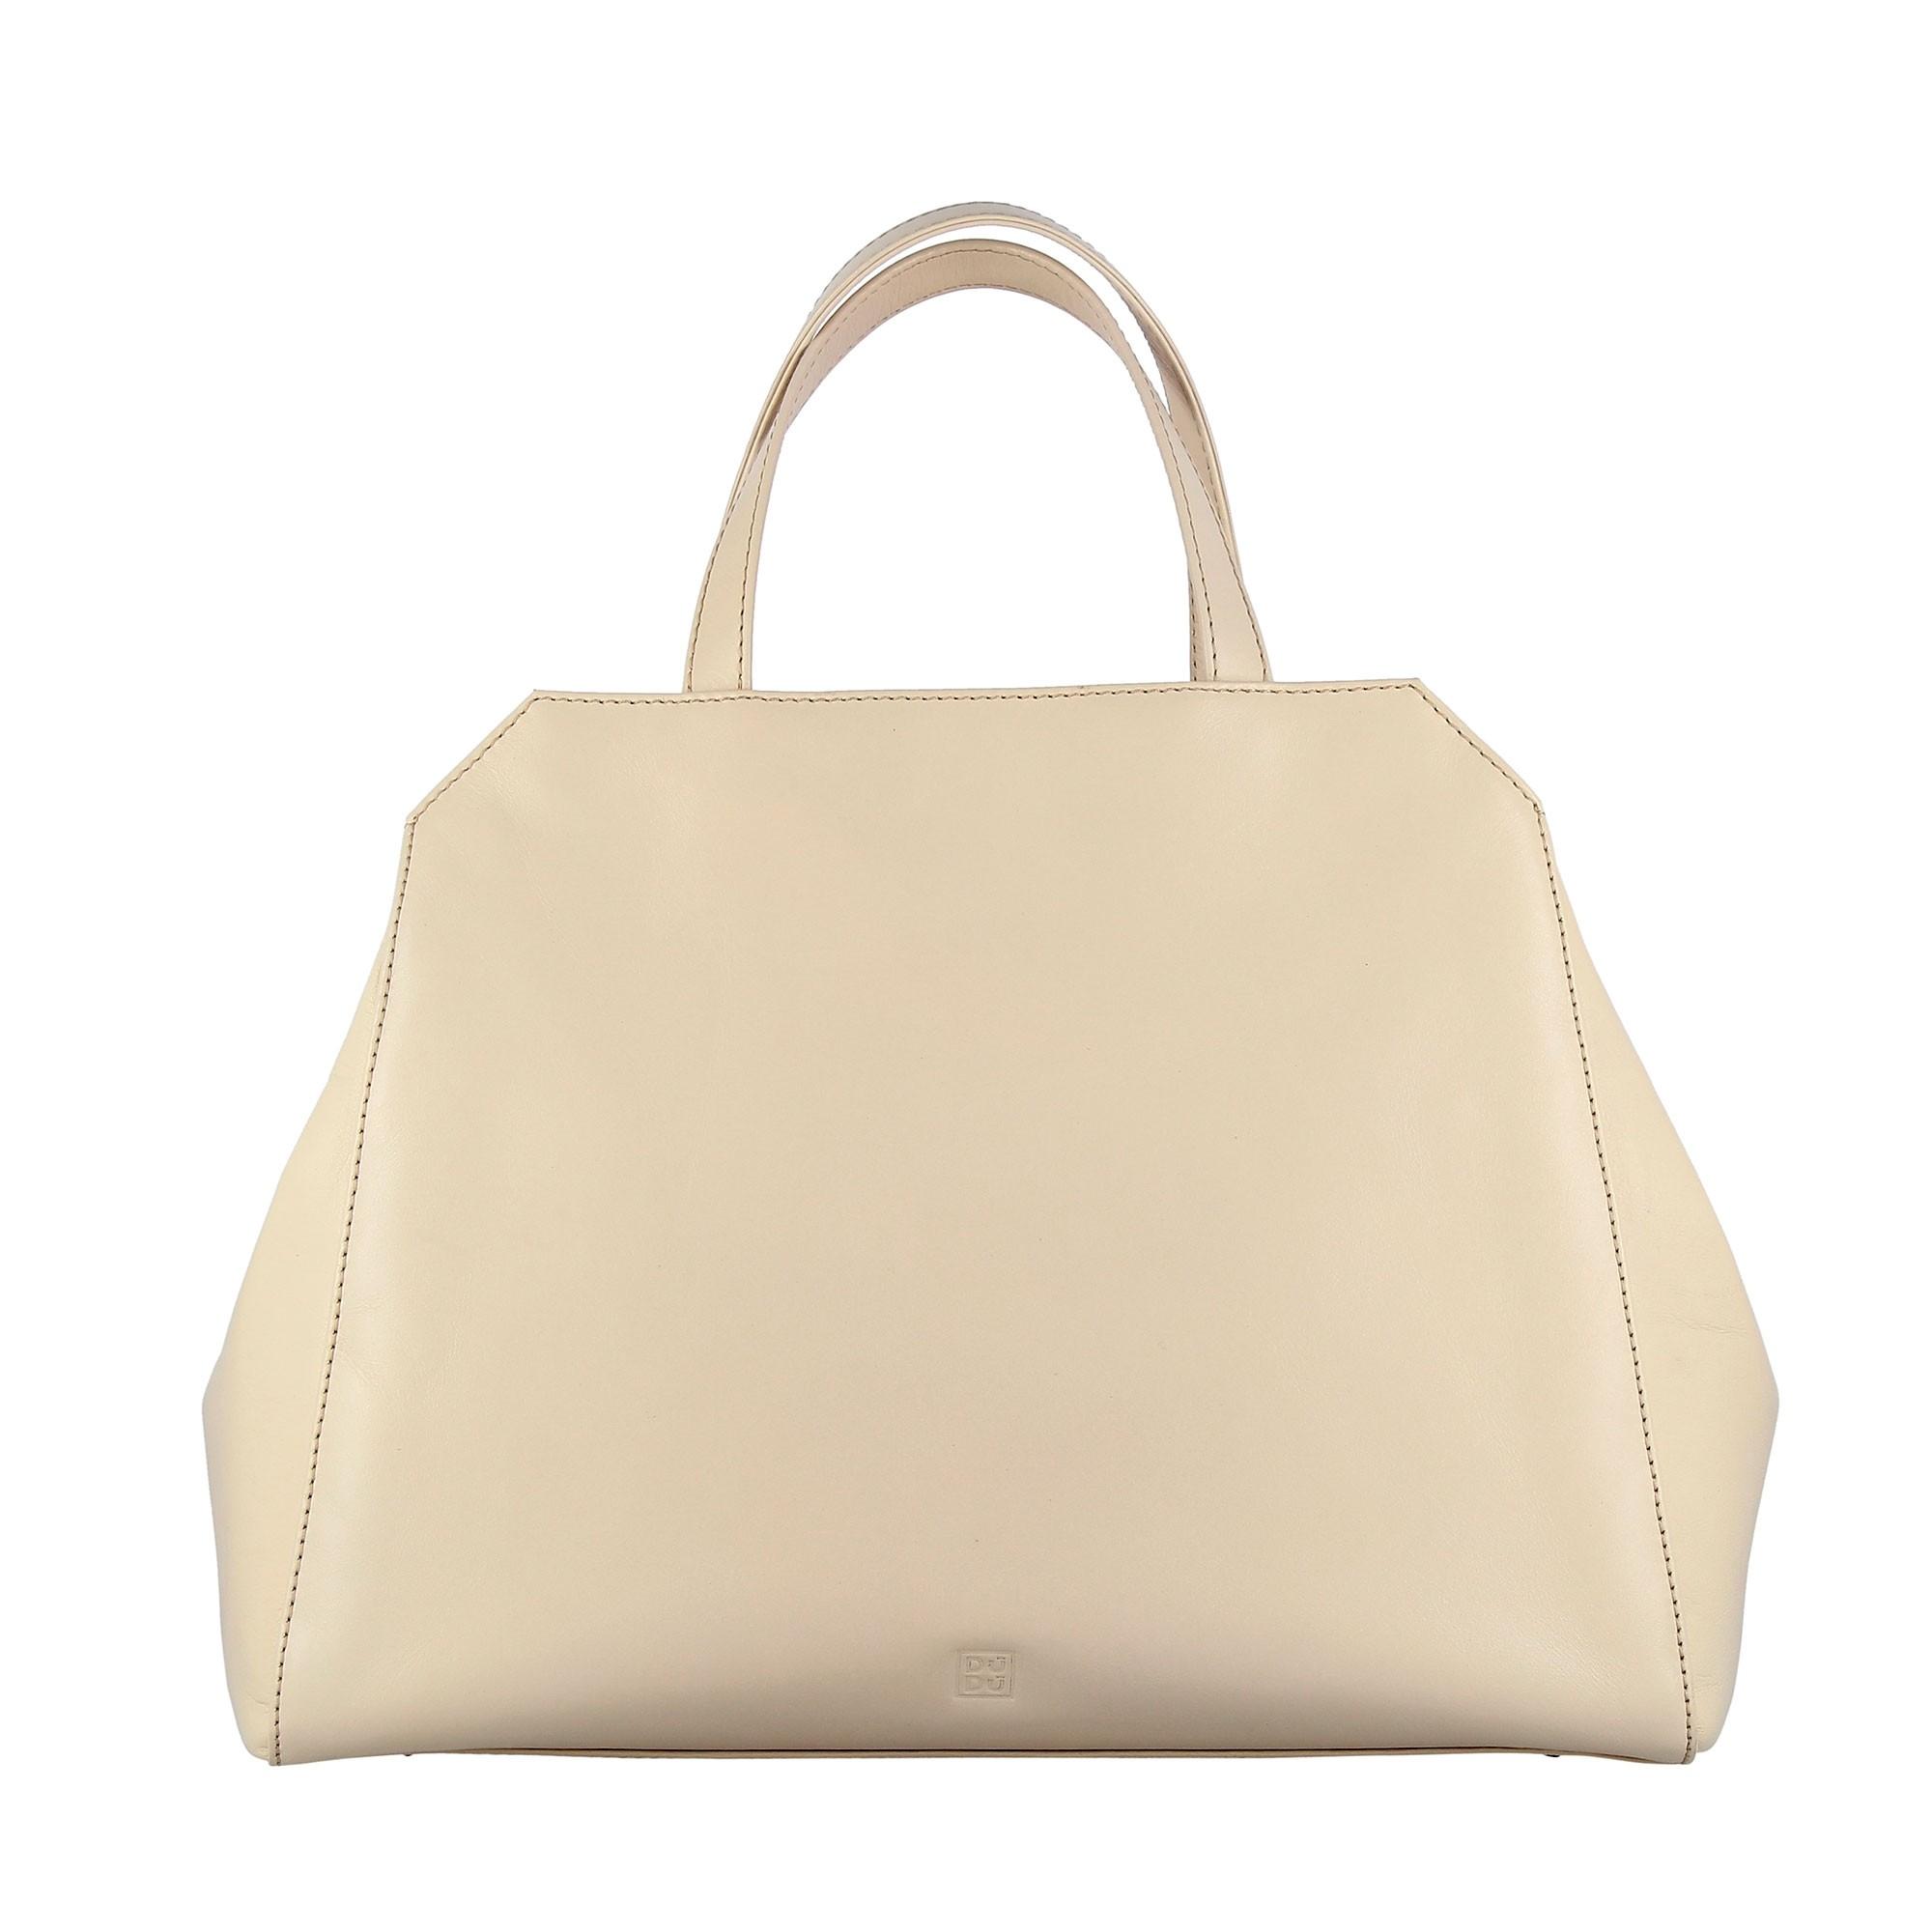 dudubags berlin collection nora tote bag 55611 1657 italienska väskbutiken 77635182e90f8